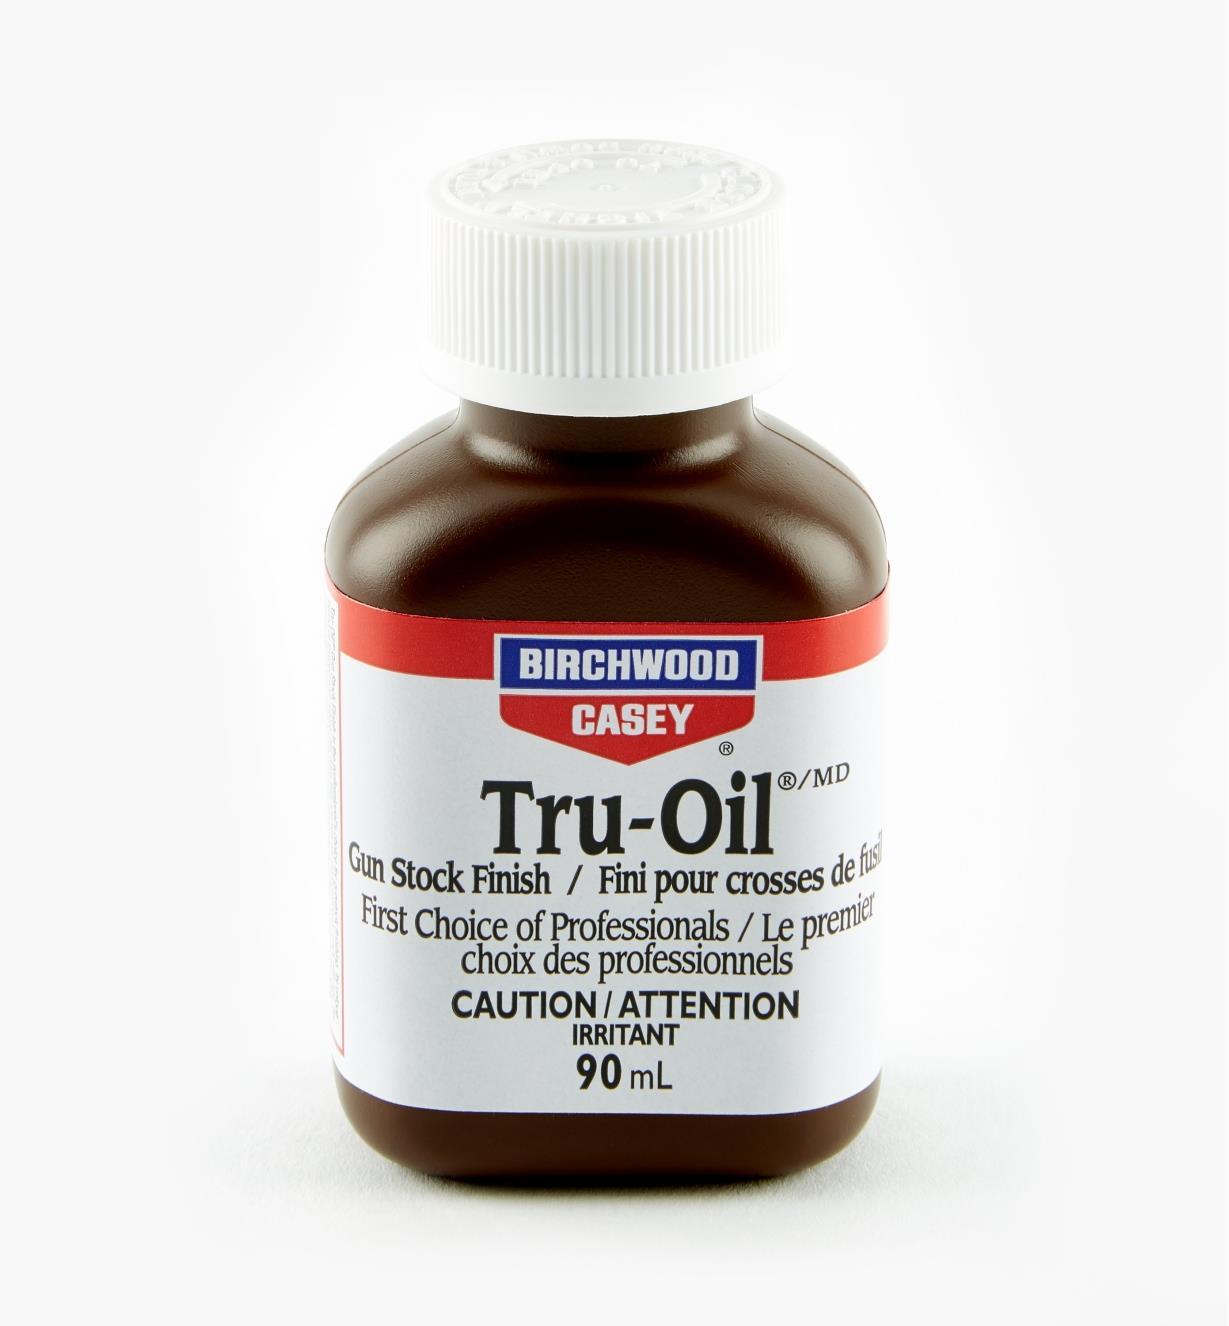 56Z2903 - Huile de finition Tru-Oil, 3 oz liq. (90 ml)